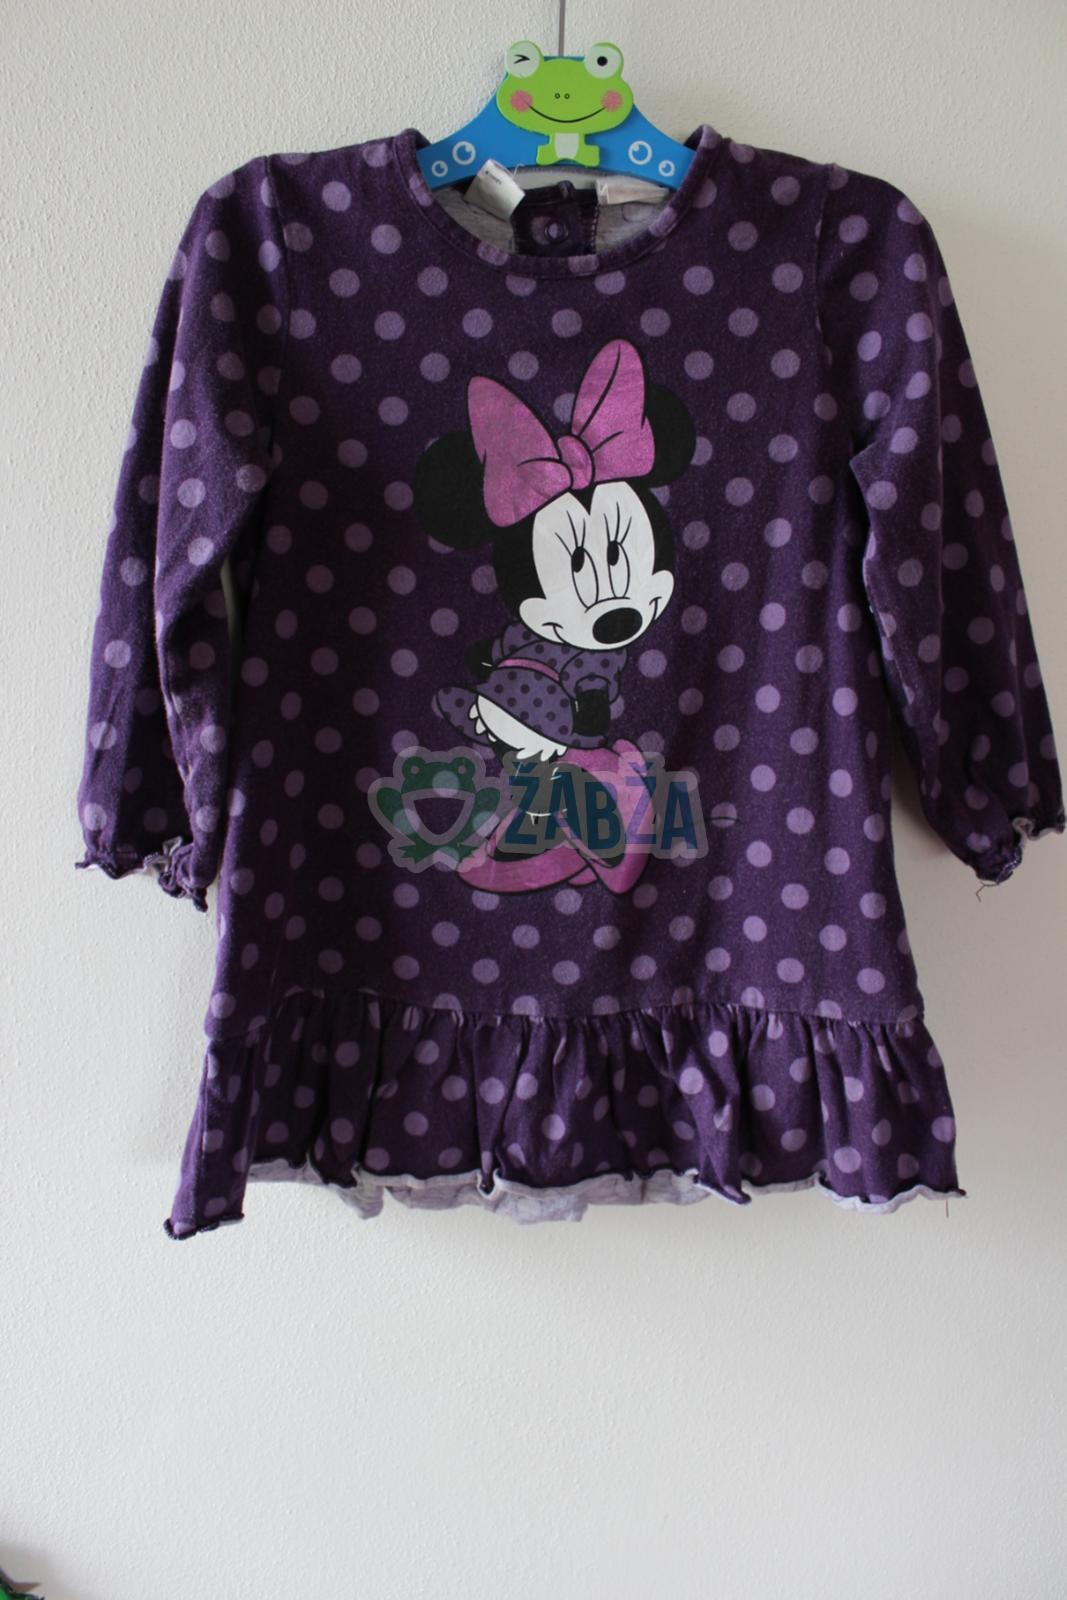 Fialové puntíkaté šaty s obrázkem Minnie